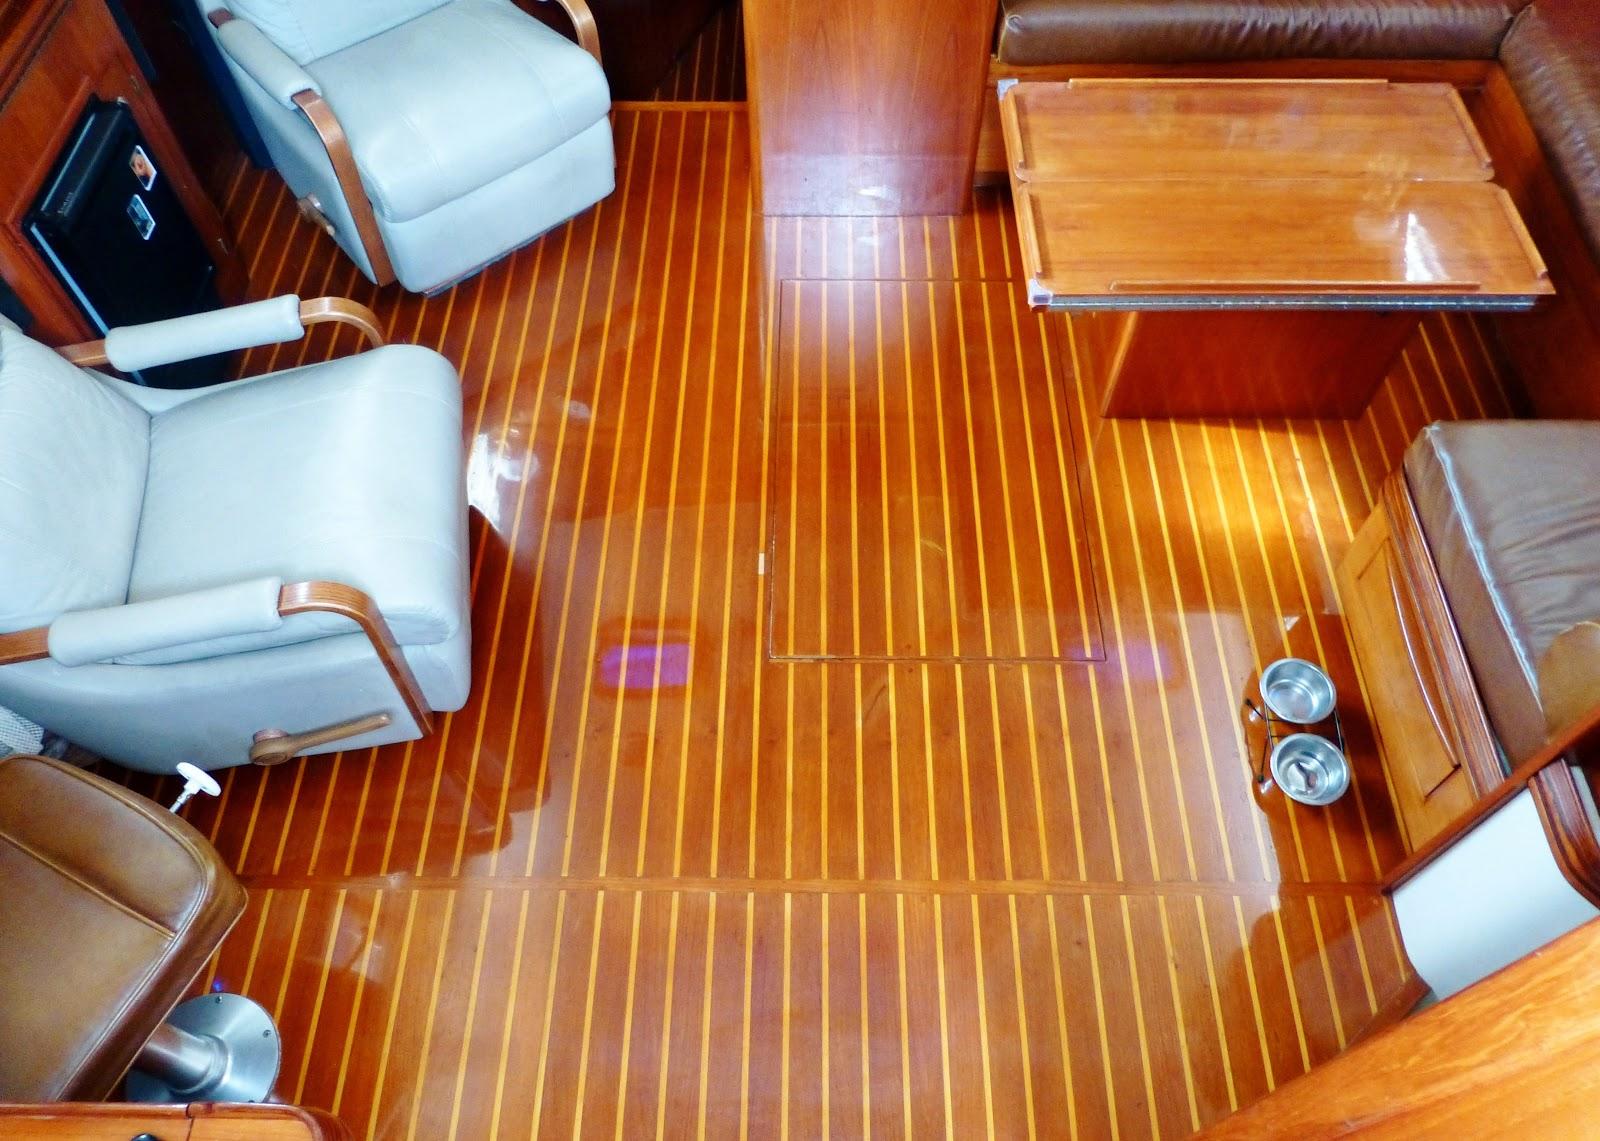 teak and holly laminate flooring - wood floors